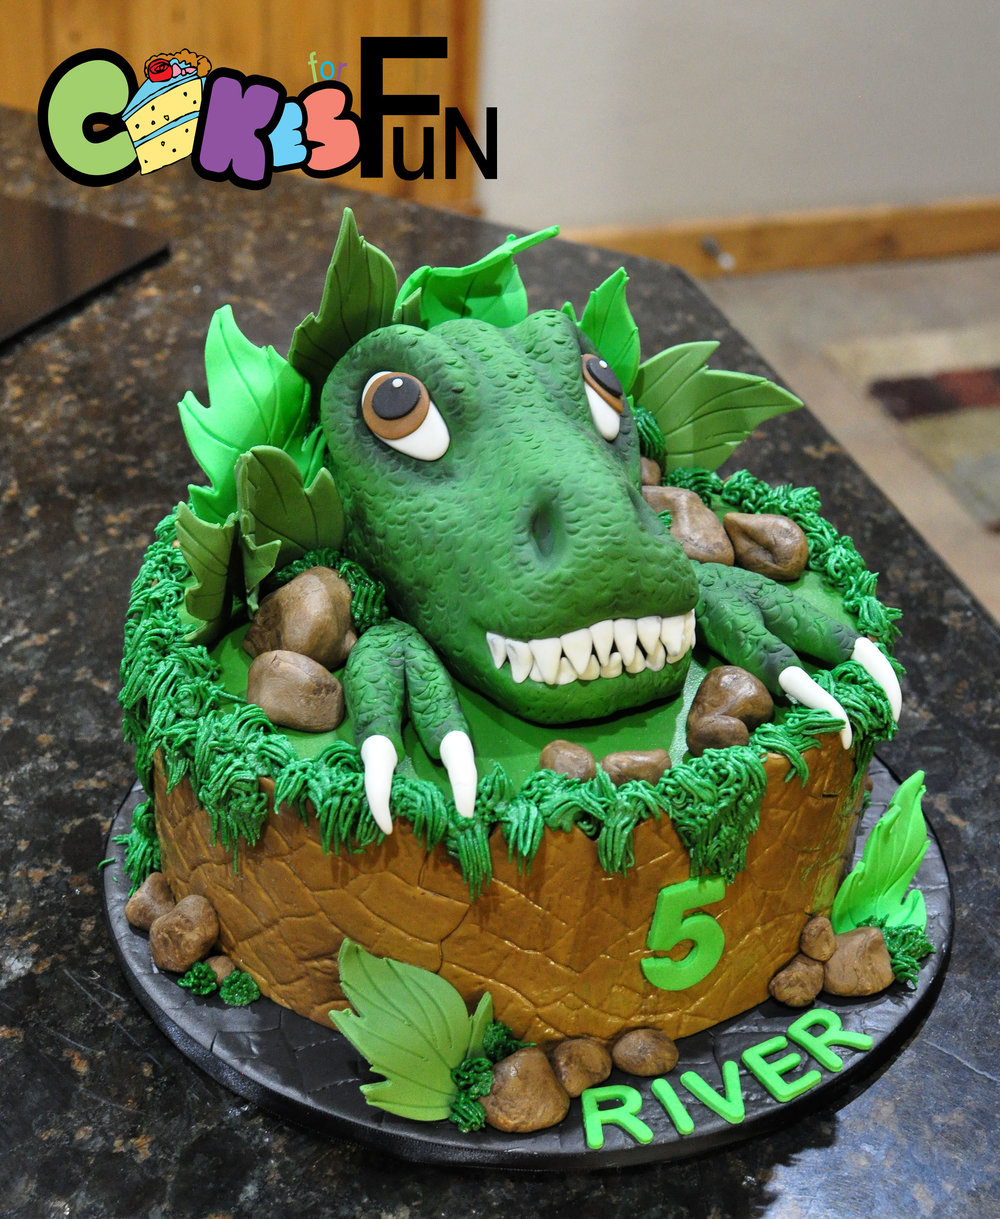 dinosaur cake-marrs-06162018.jpg